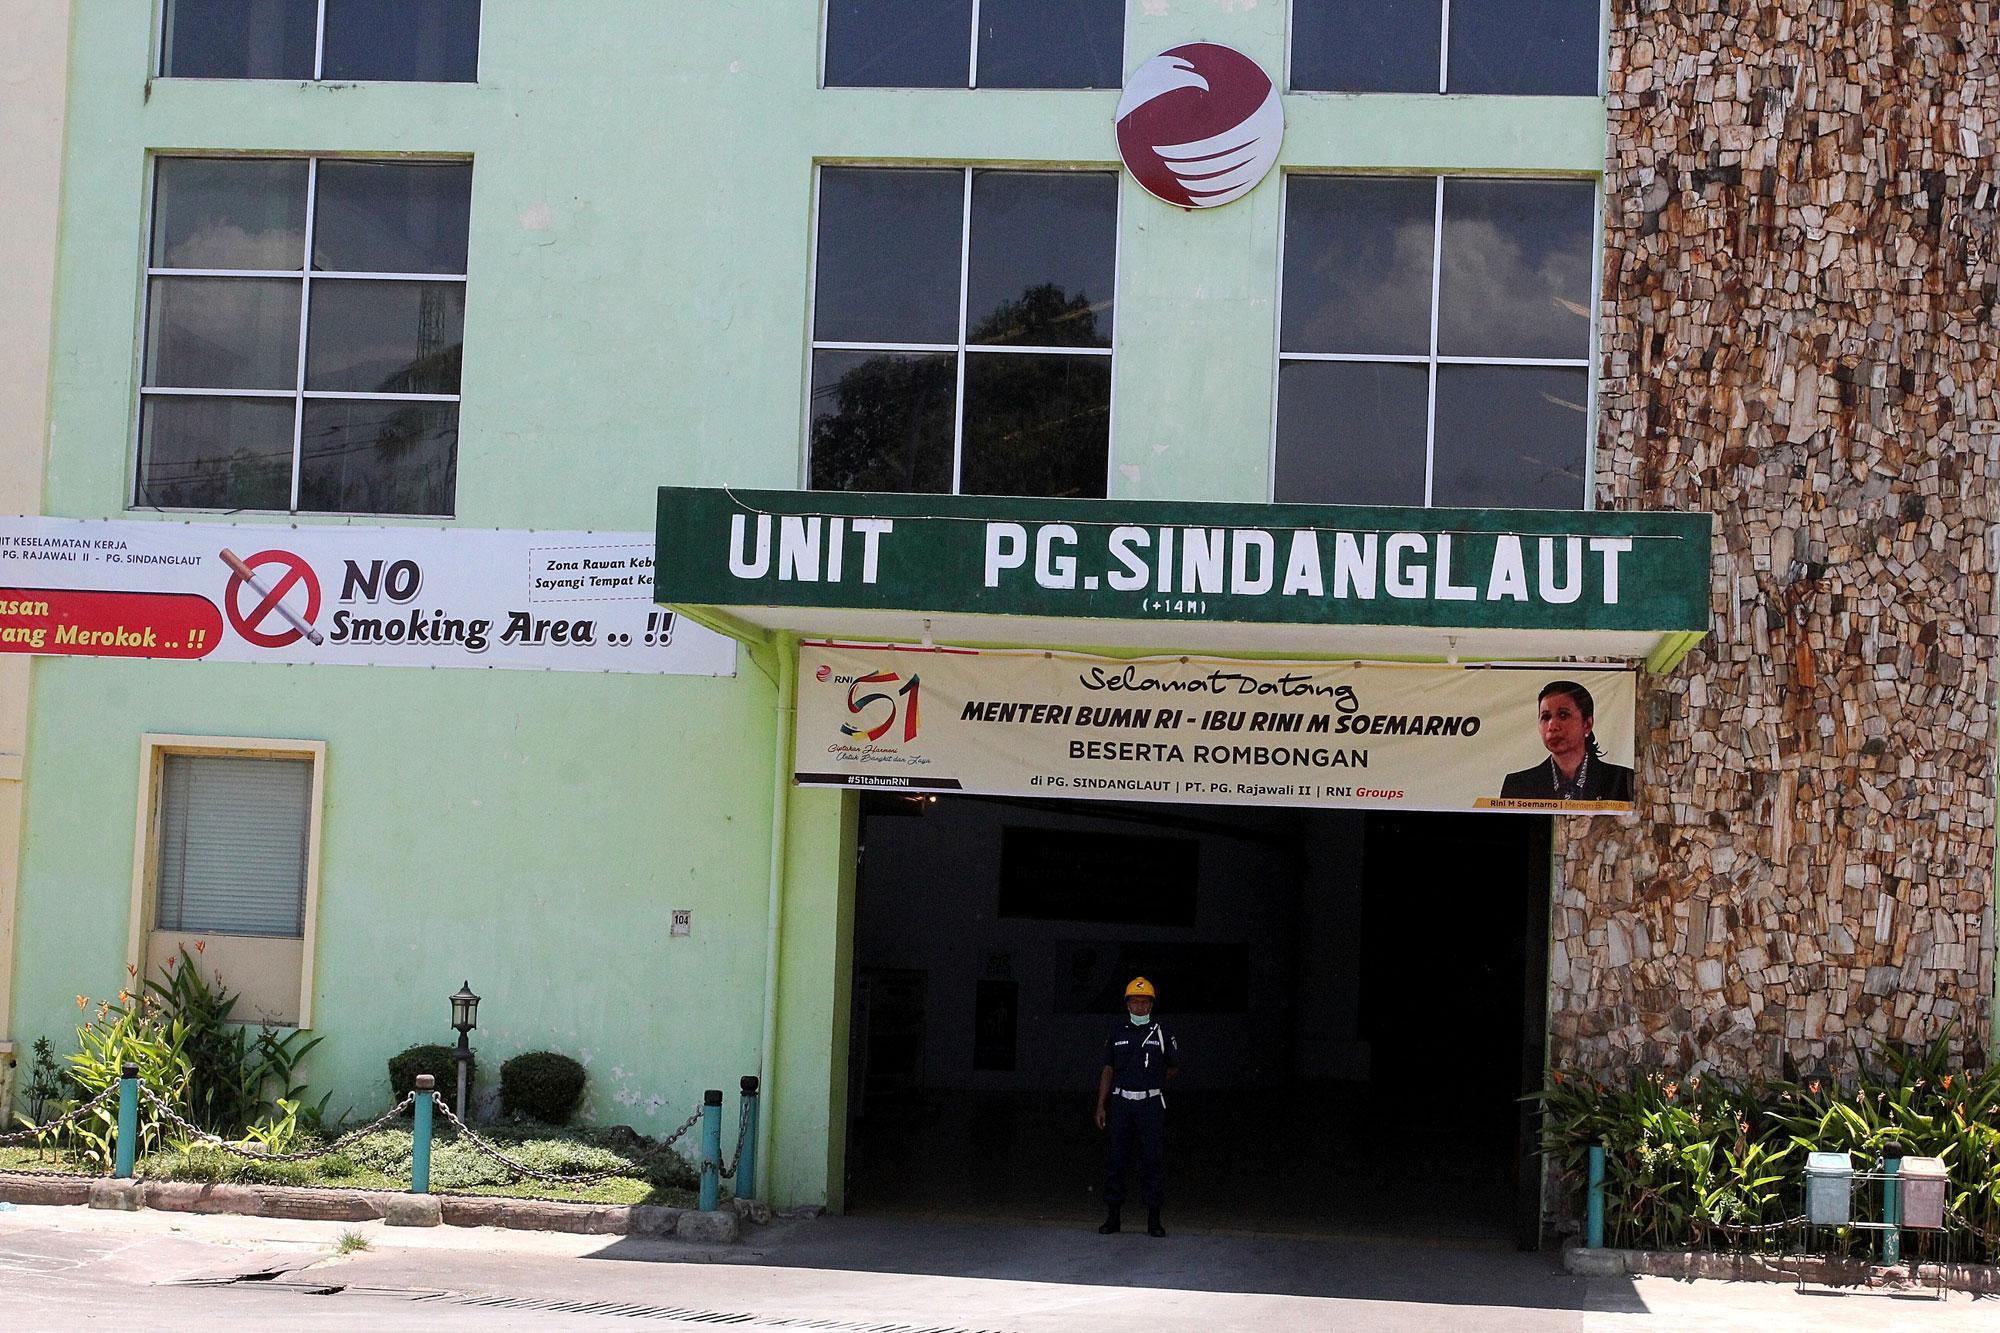 Aktifitas pekerja pabrik gula Sindanglaut berkapasitas giling 12.000 ton cane per day (TCD), di Cirebon, Jawa Barat, (16/10). Secara korporasi PG Rajawali II sampai dengan saat ini sudah memproduksi hampir sekitar 90.000 ton gula, naik 16 persen dibanding